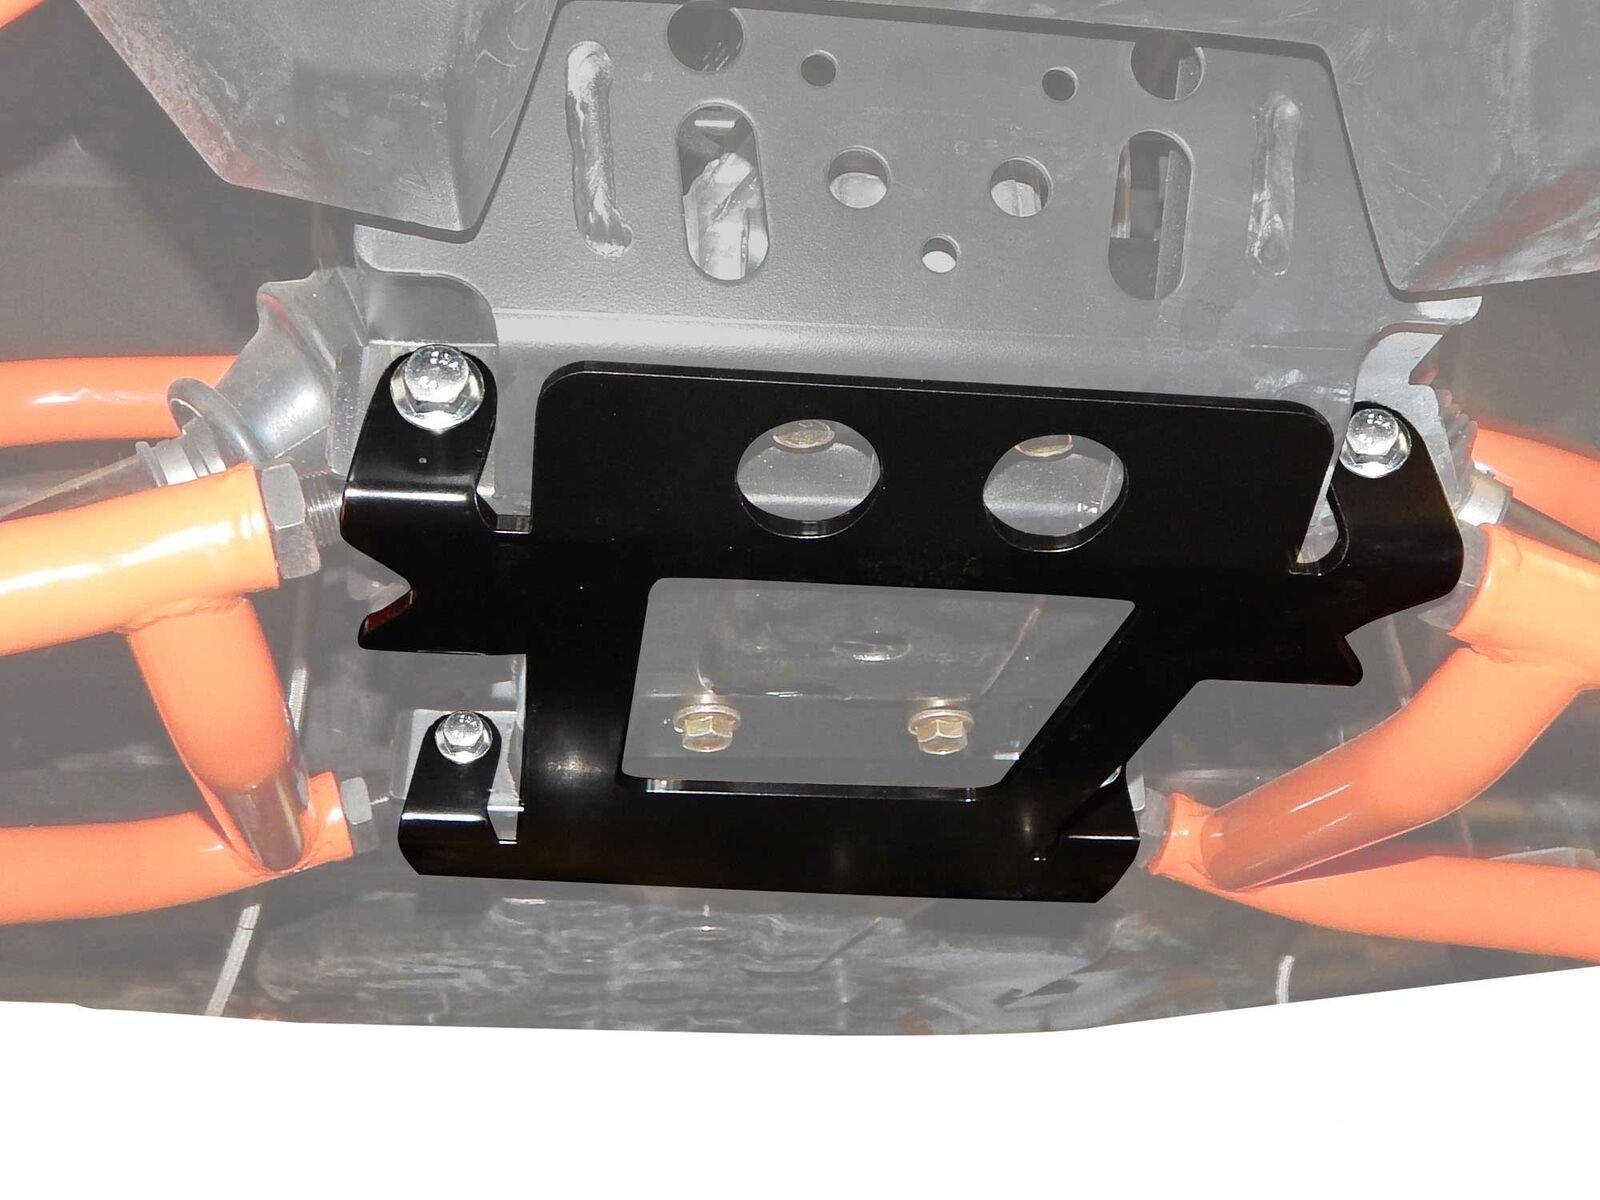 SuperATV Polaris RZR 1000/4 / 900 / S/Turbo / General Front Suspension Frame Stiffener - Black by SuperATV.com